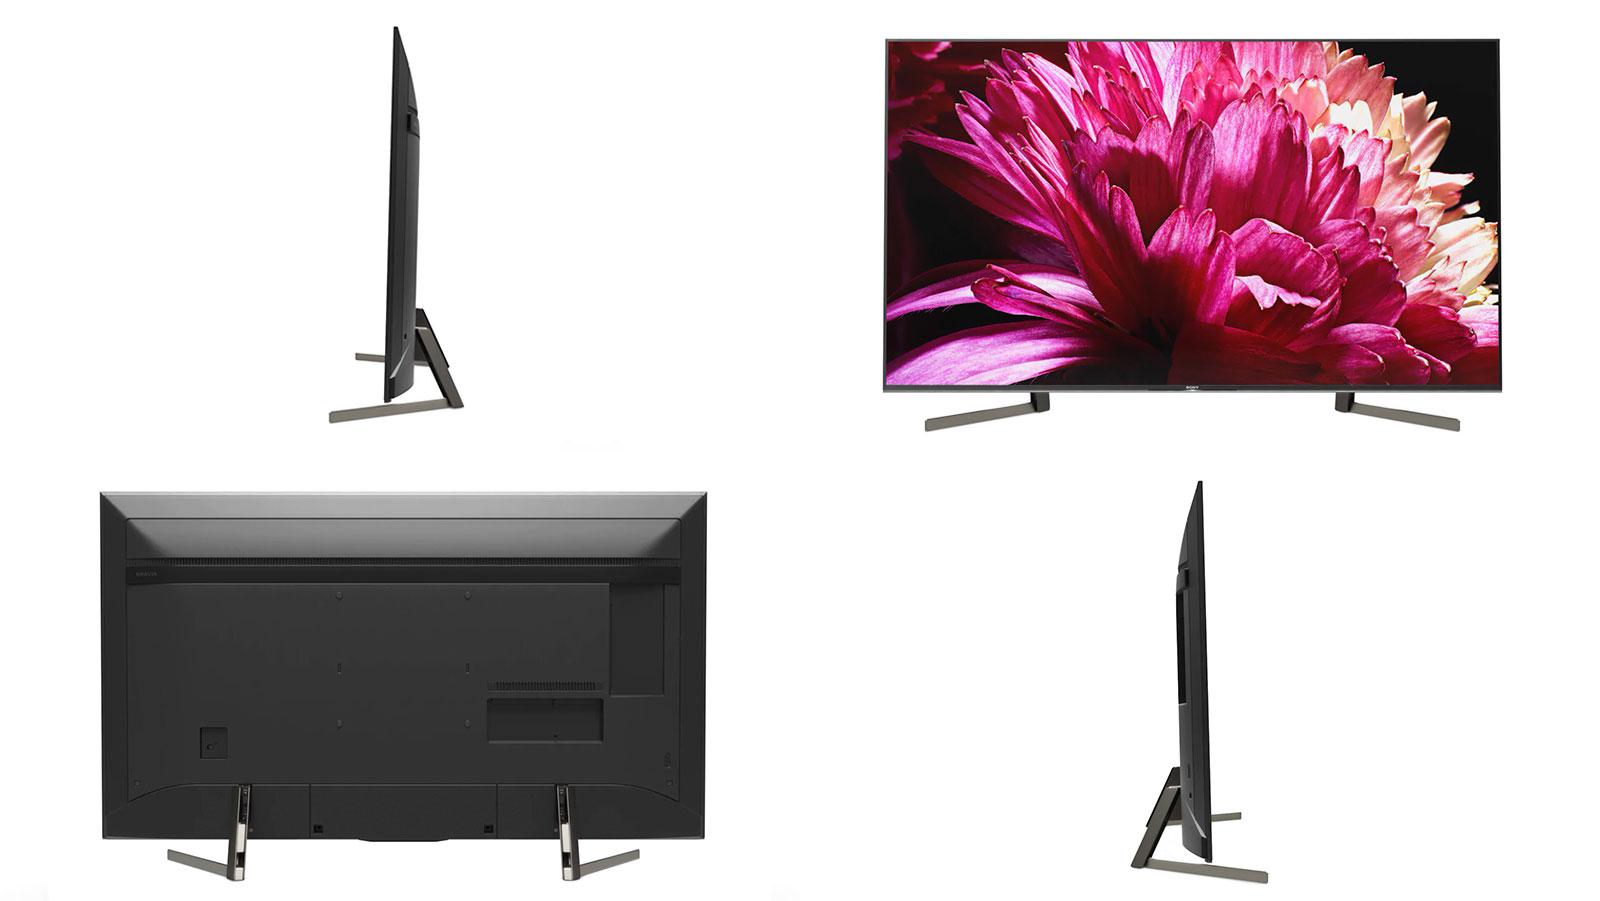 تلویزیون سونی 55 اینچ مدل 9500